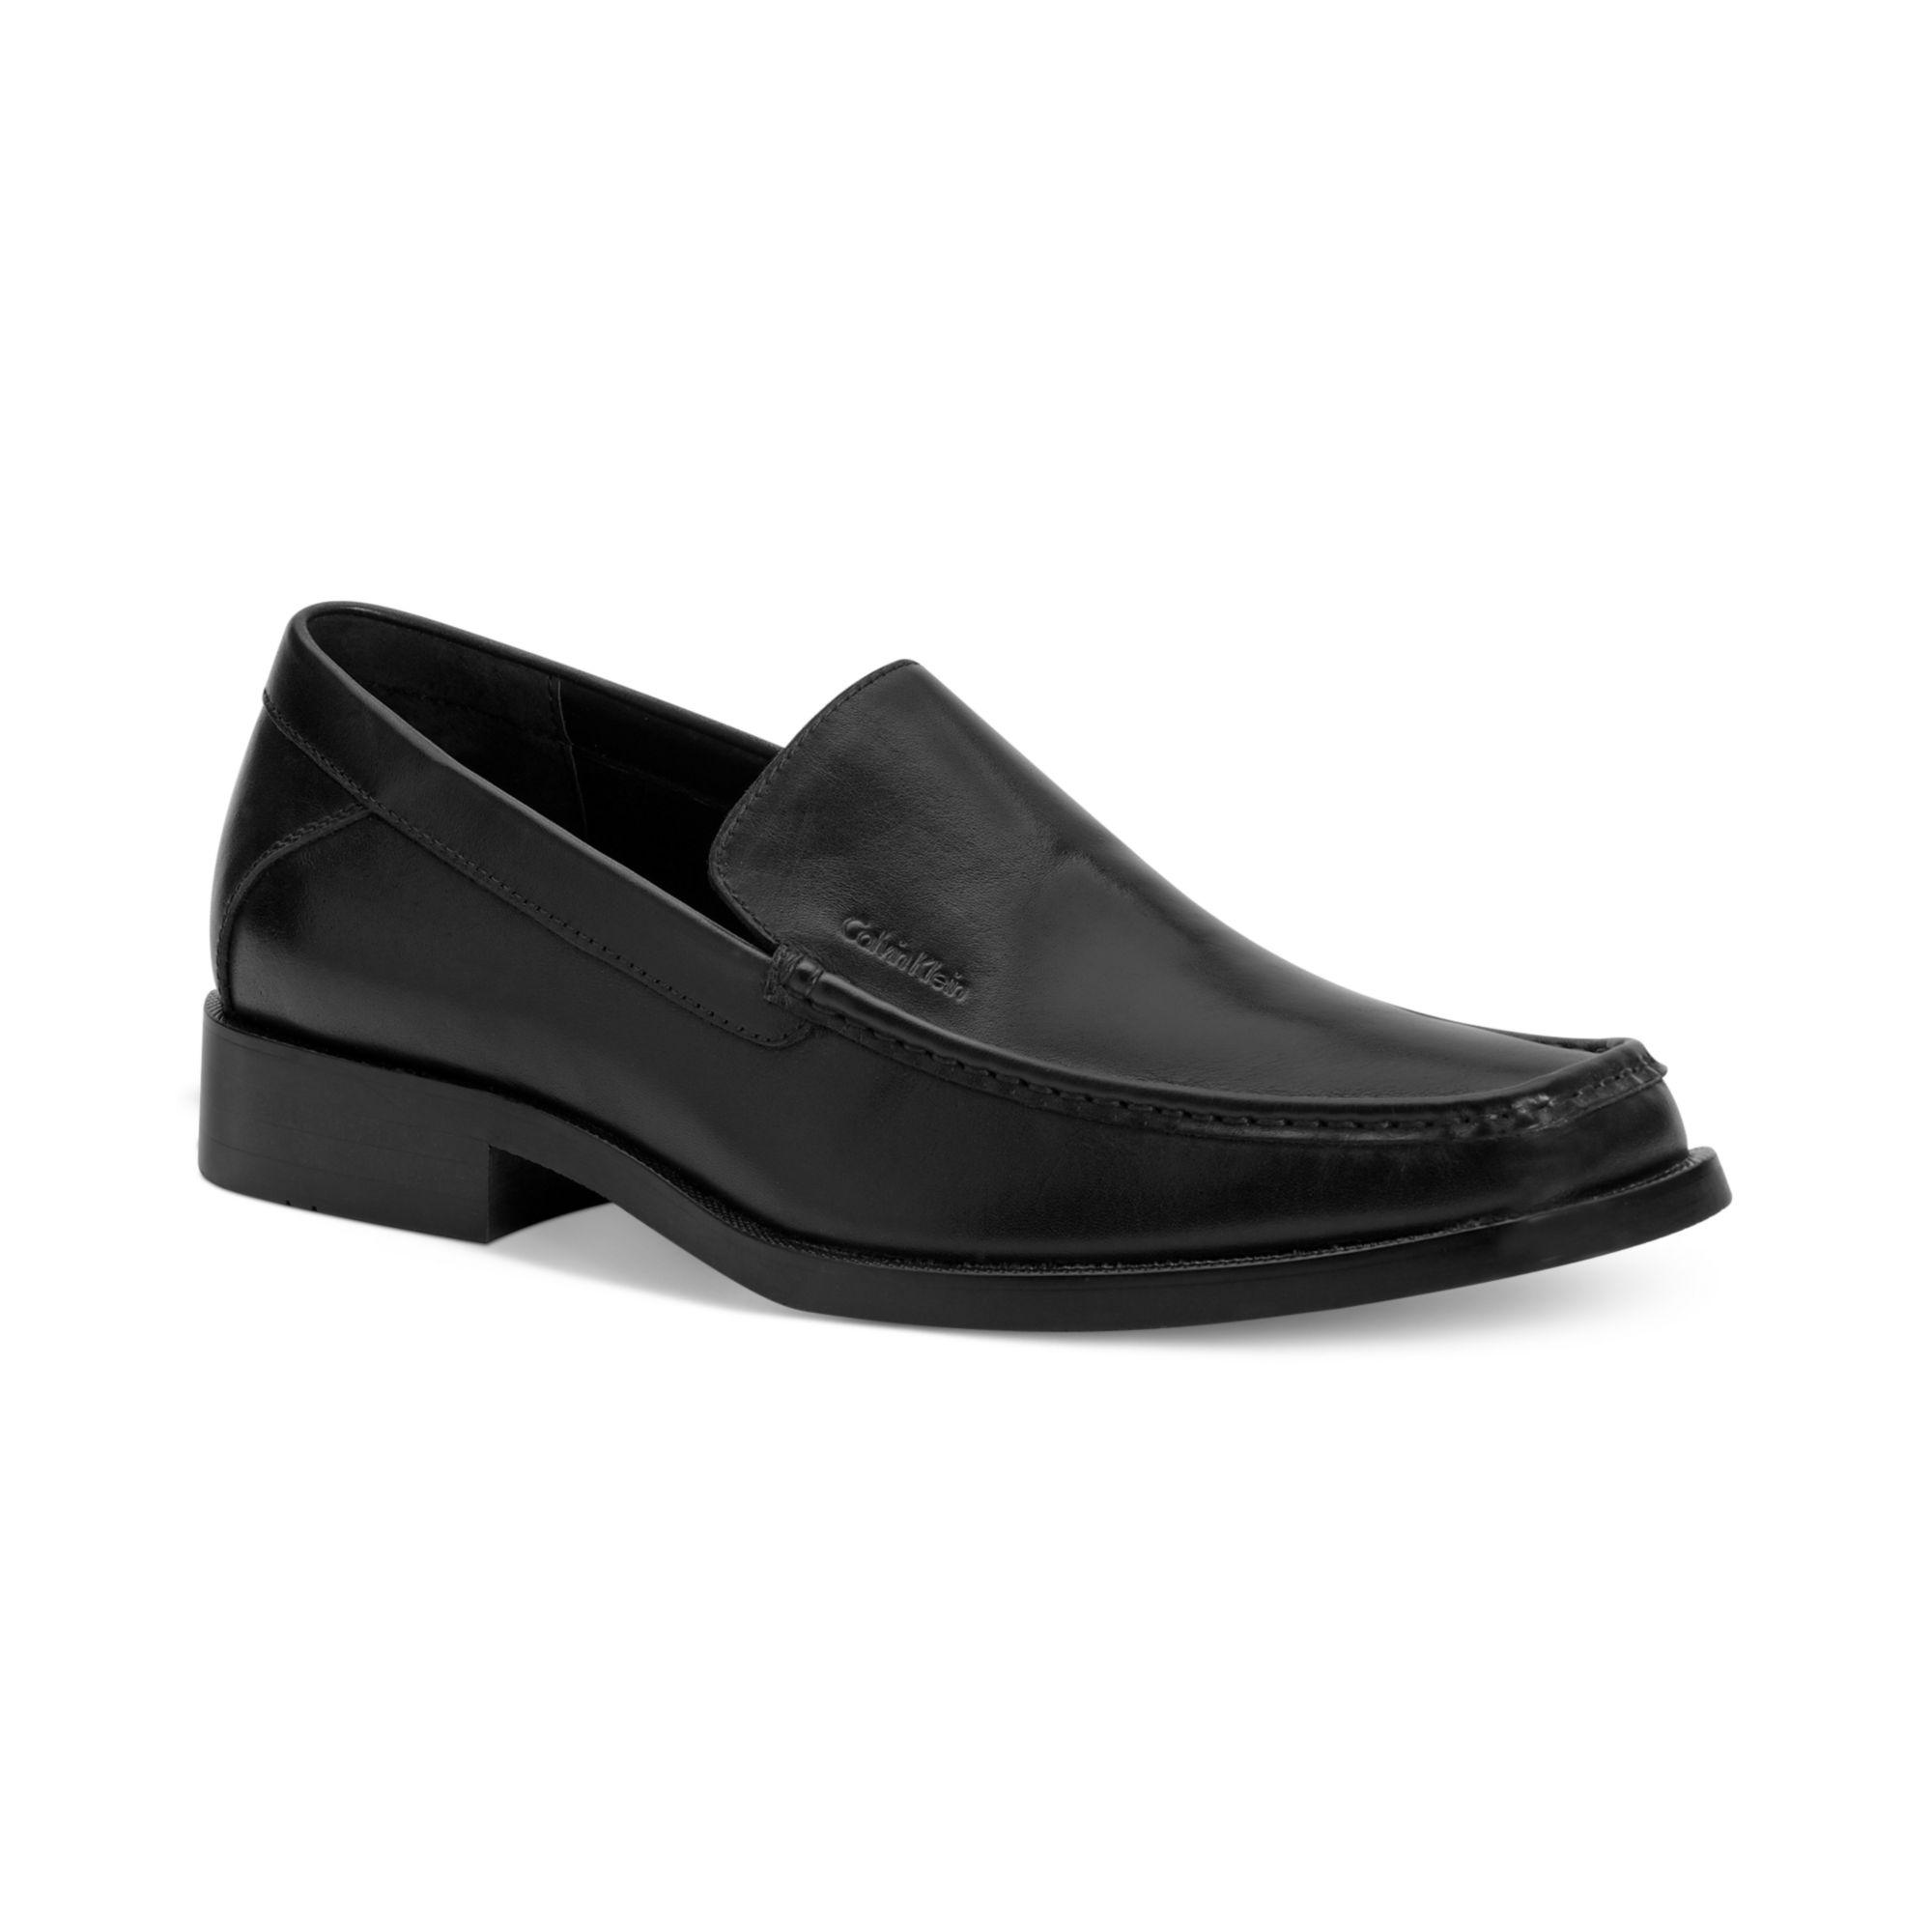 calvin klein calvin klein mens shoes branton moc toe